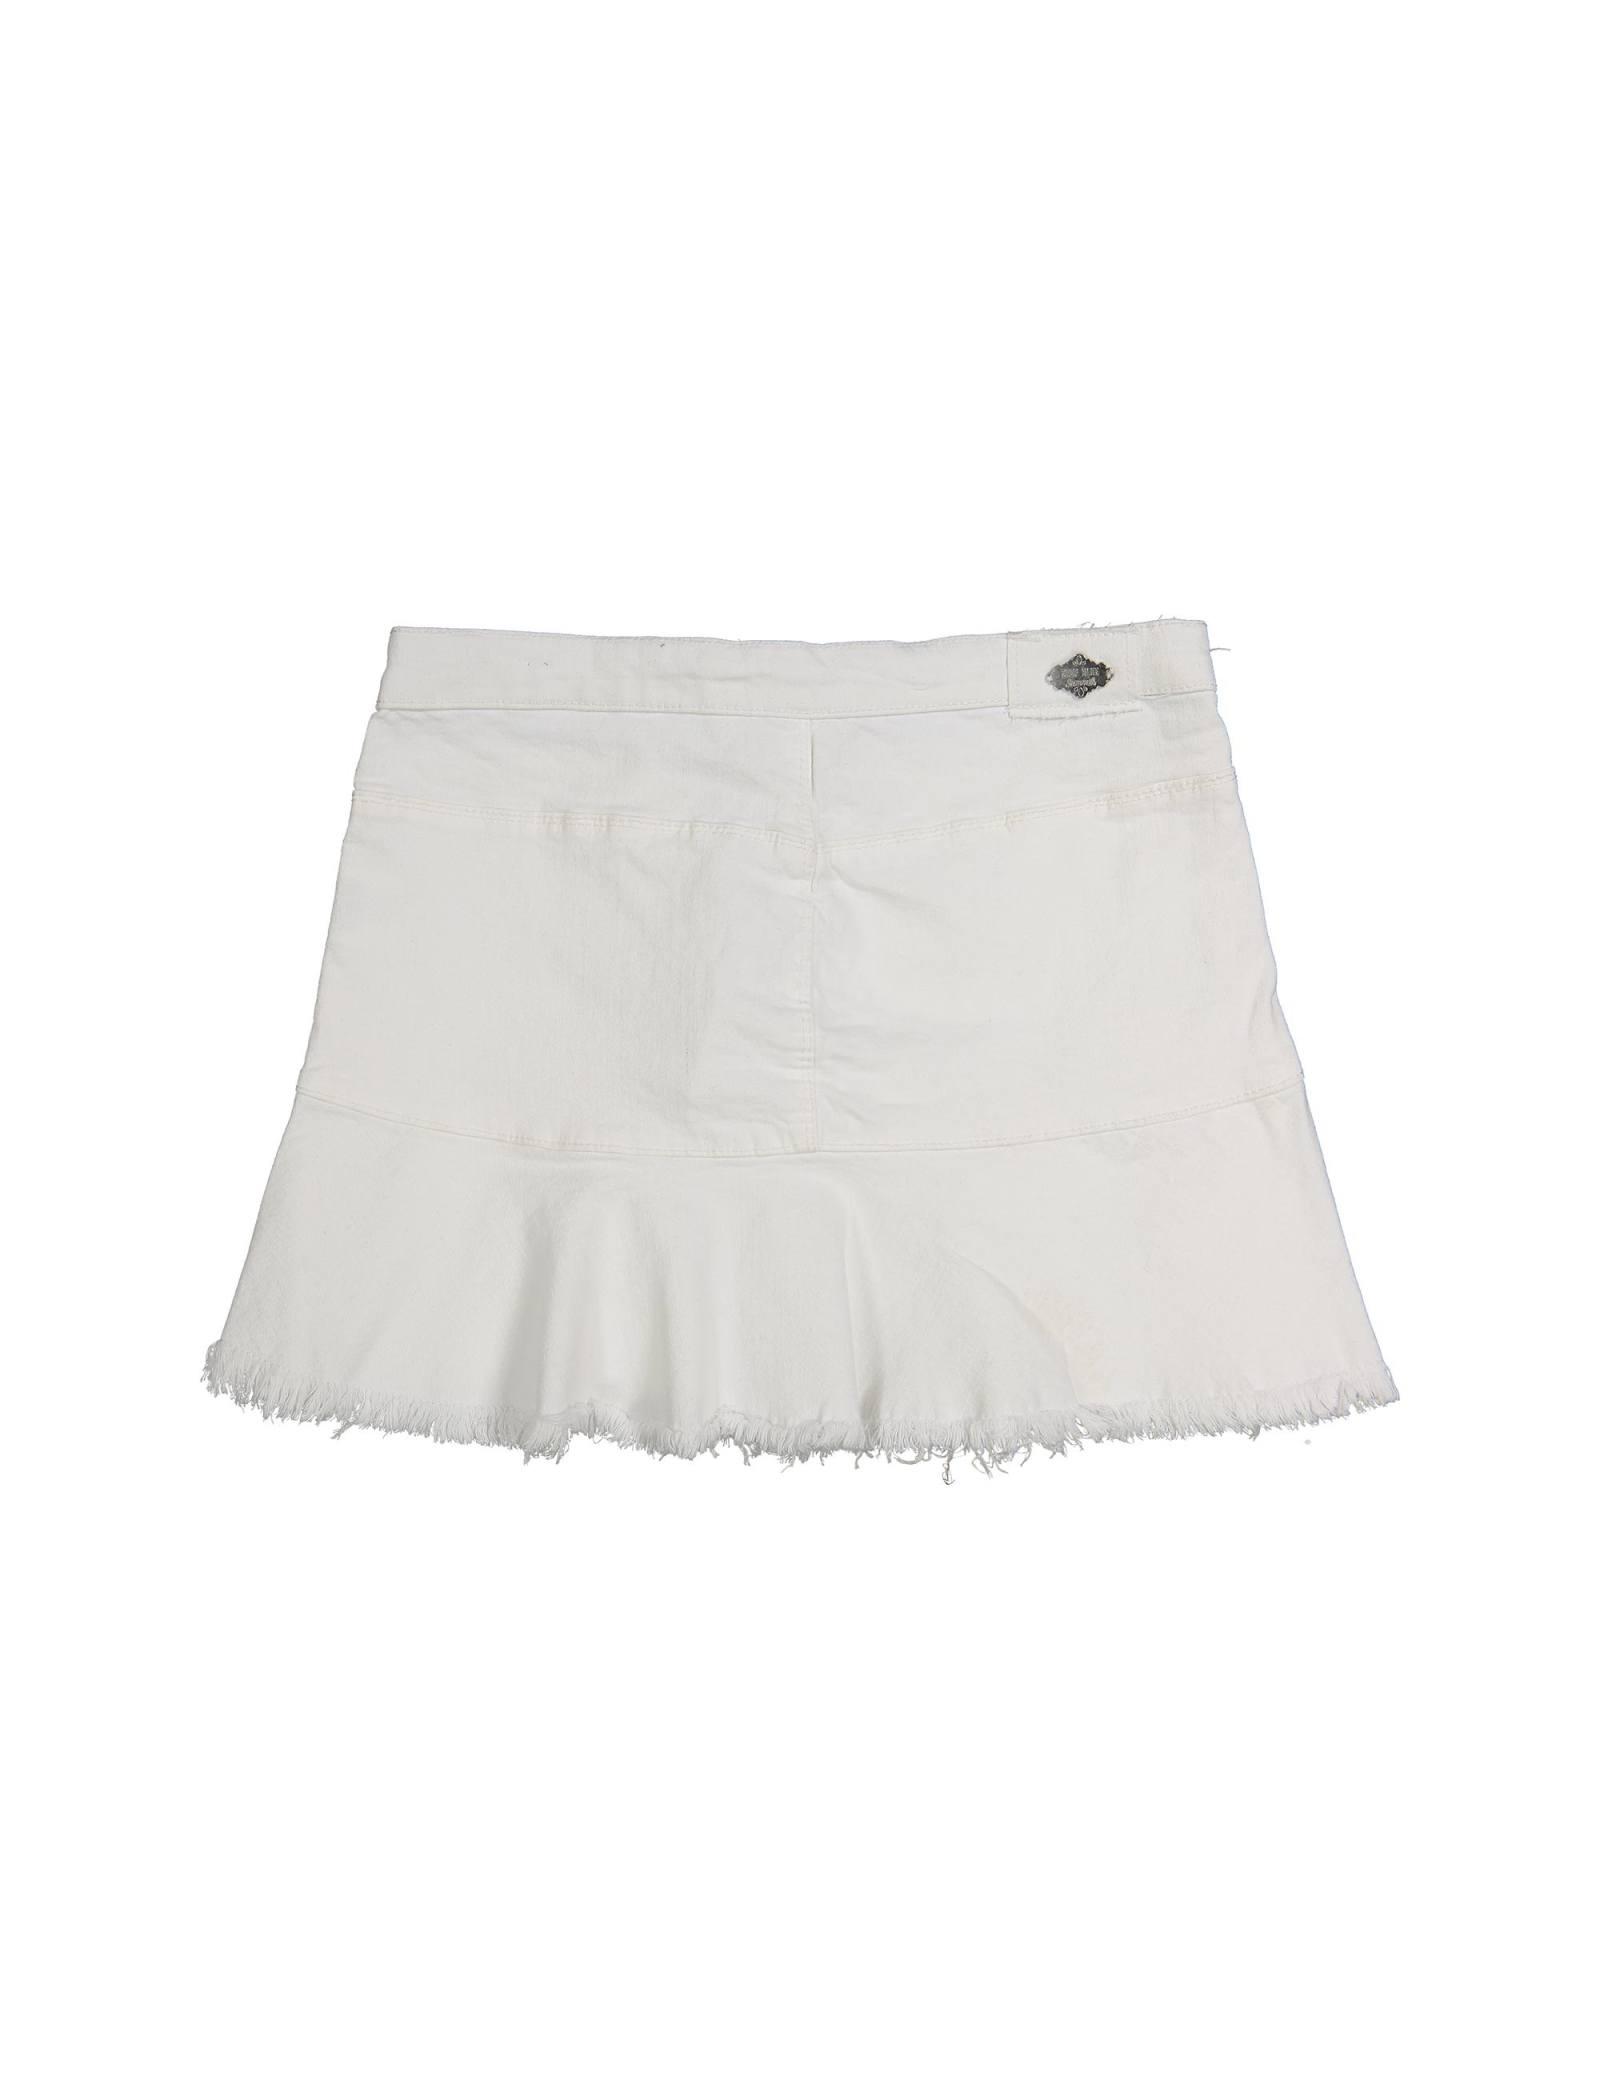 پیراهن نخی دخترانه - بلوکیدز - سفيد - 2